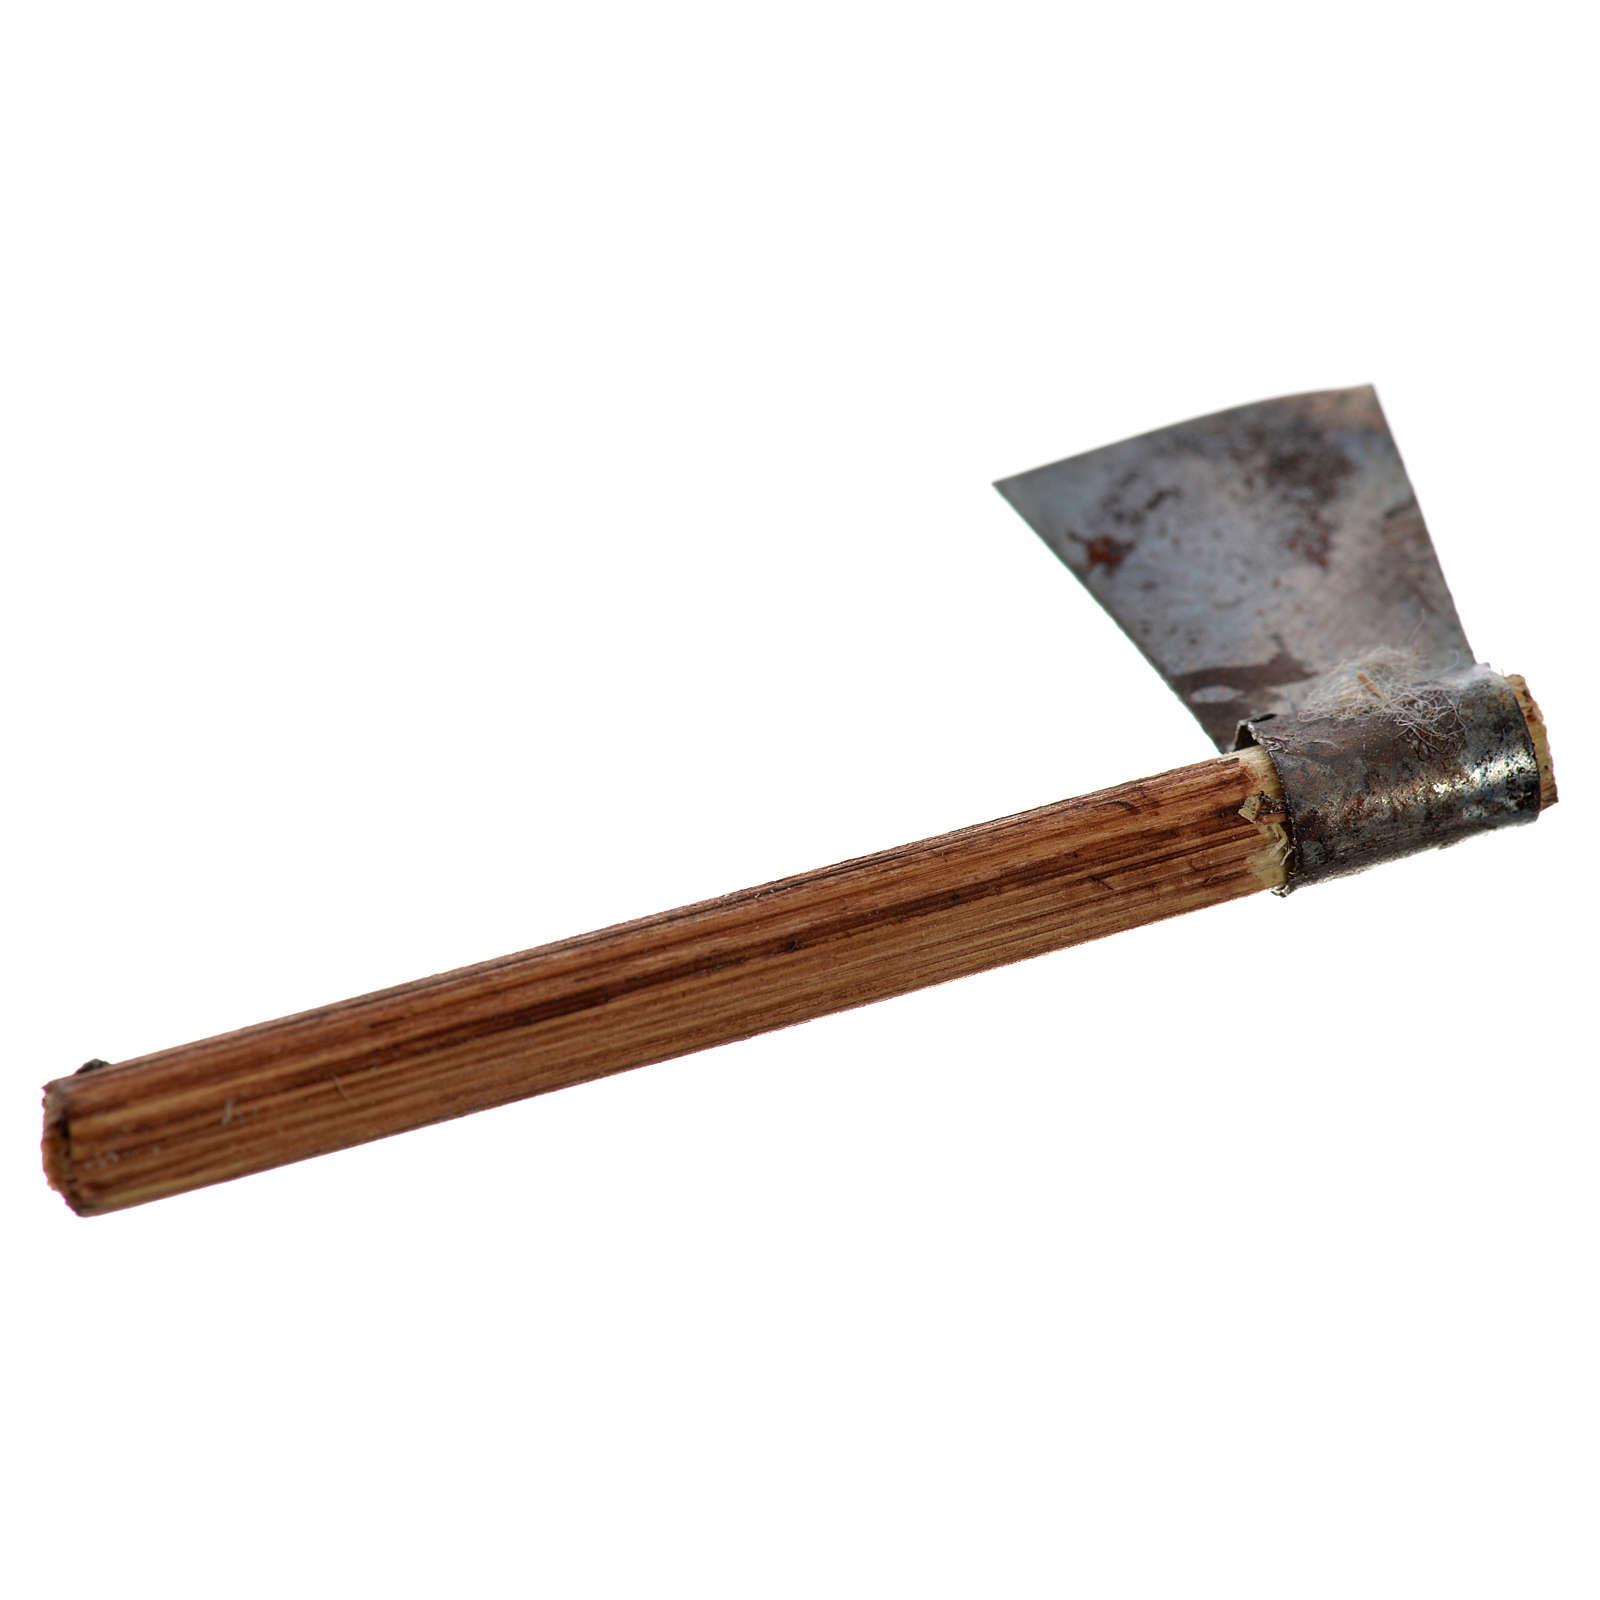 Neapolitan Nativity scene accessory, axe, 4 cm 4